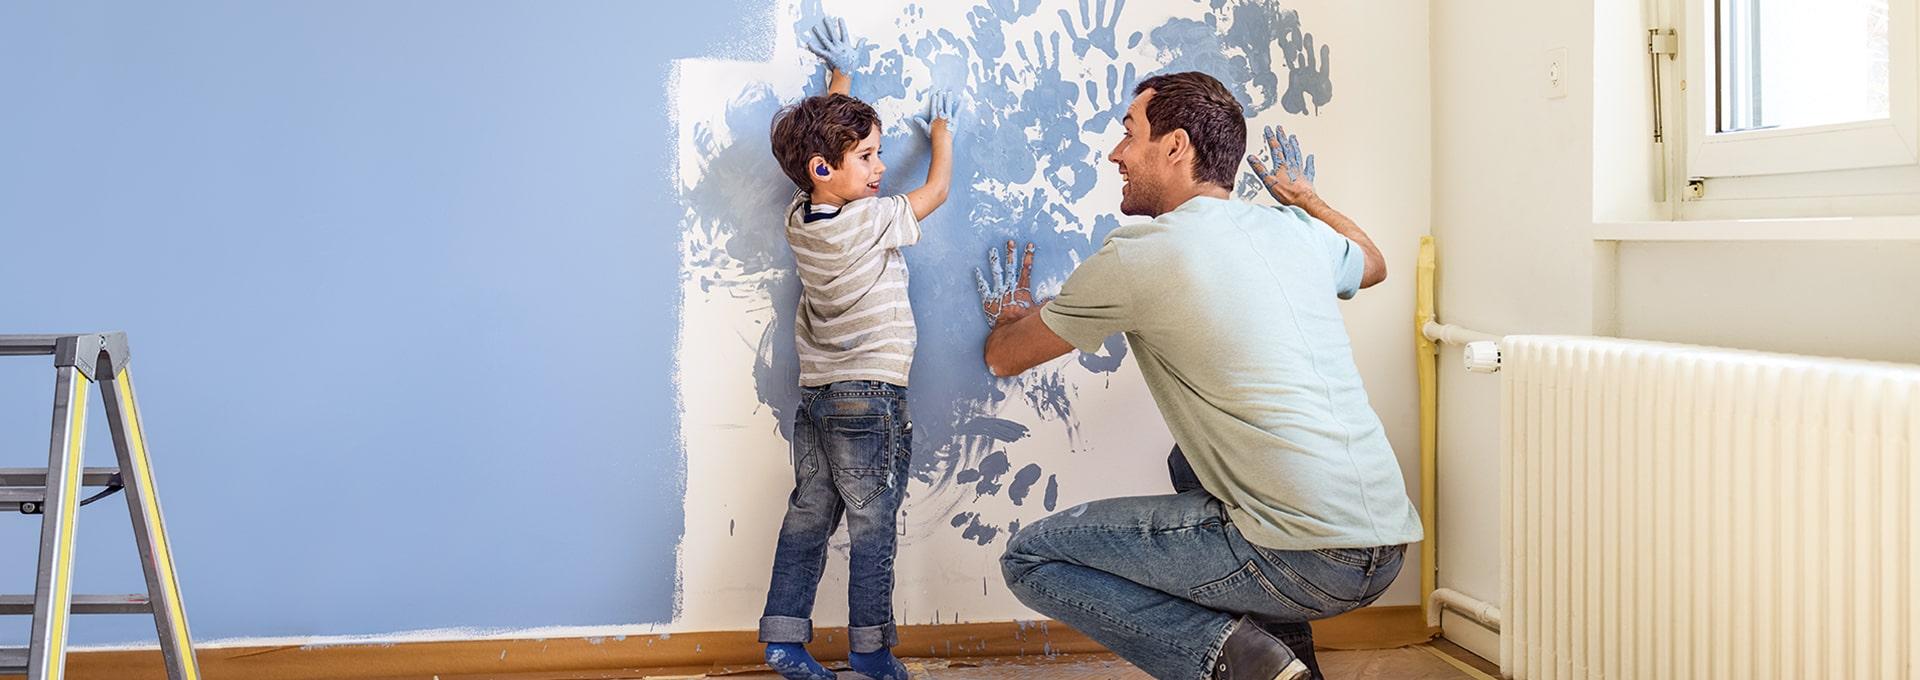 Vader en zoon met Bernafon Leox Super Power|Ultra Power hoortoestellen schilderen spontaan een muur en voegen handafdrukken toe.